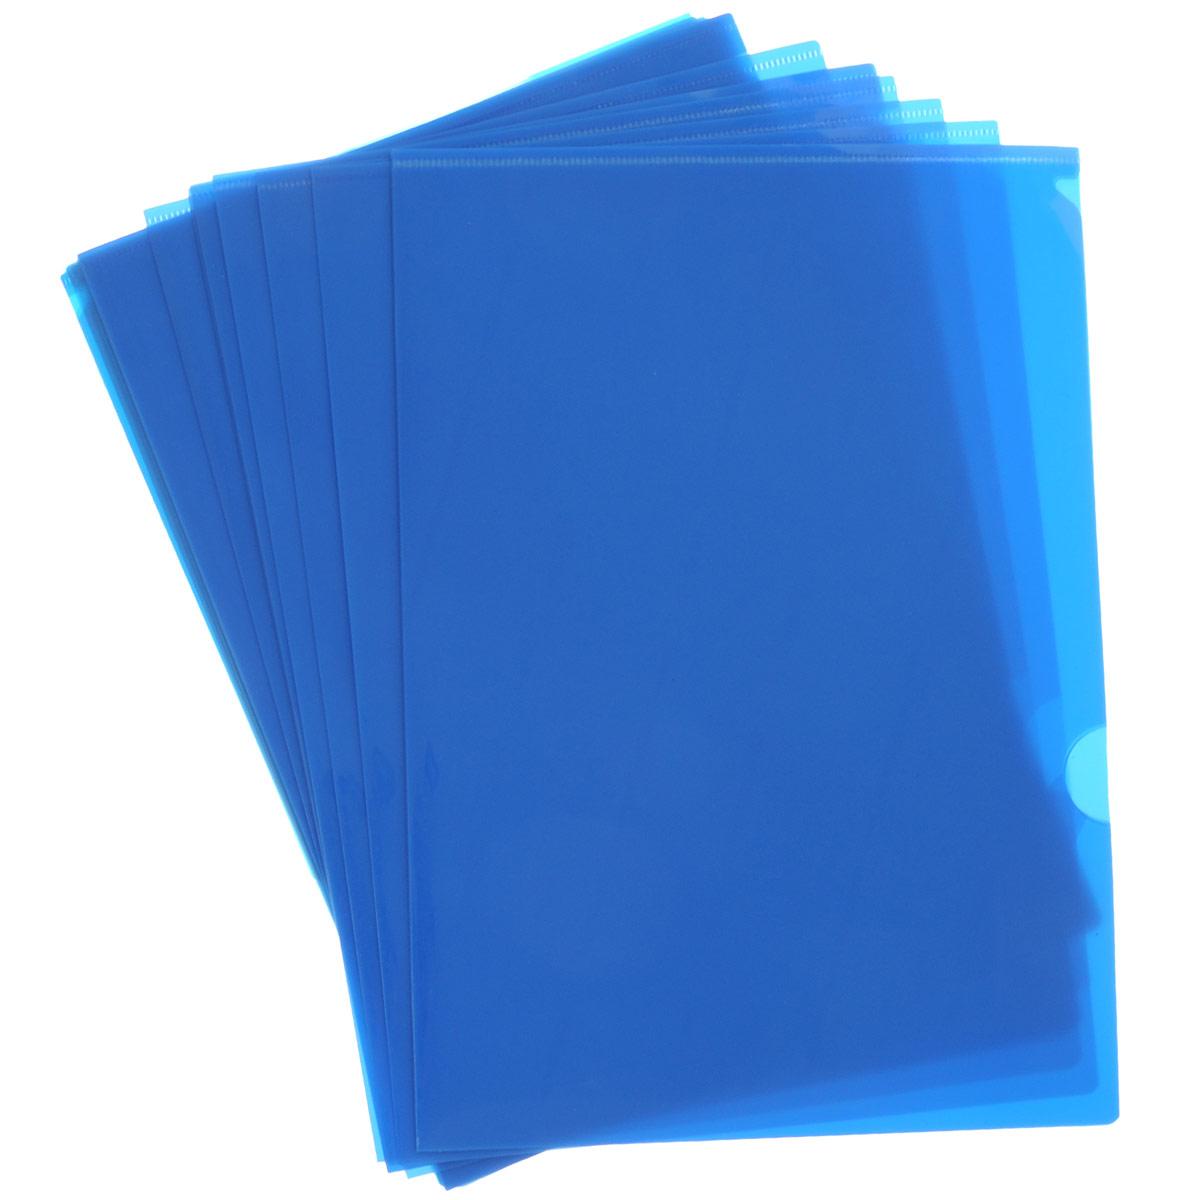 Папка-уголок Sponsor, цвет: синий. Формат А4, 20 штSF208-2/BU/RПапка-уголок Sponsor, изготовленная из высококачественного полипропилена, это удобный и практичный офисный инструмент, предназначенный для хранения и транспортировки рабочих бумаг и документов формата А4. Полупрозрачная глянцевая папка имеет опрятный и неброский вид. В наборе - 20 папок.Папка-уголок - это незаменимый атрибут для студента, школьника, офисного работника. Такая папка надежно сохранит ваши документы и сбережет их от повреждений, пыли и влаги.Комплектация: 20 шт.